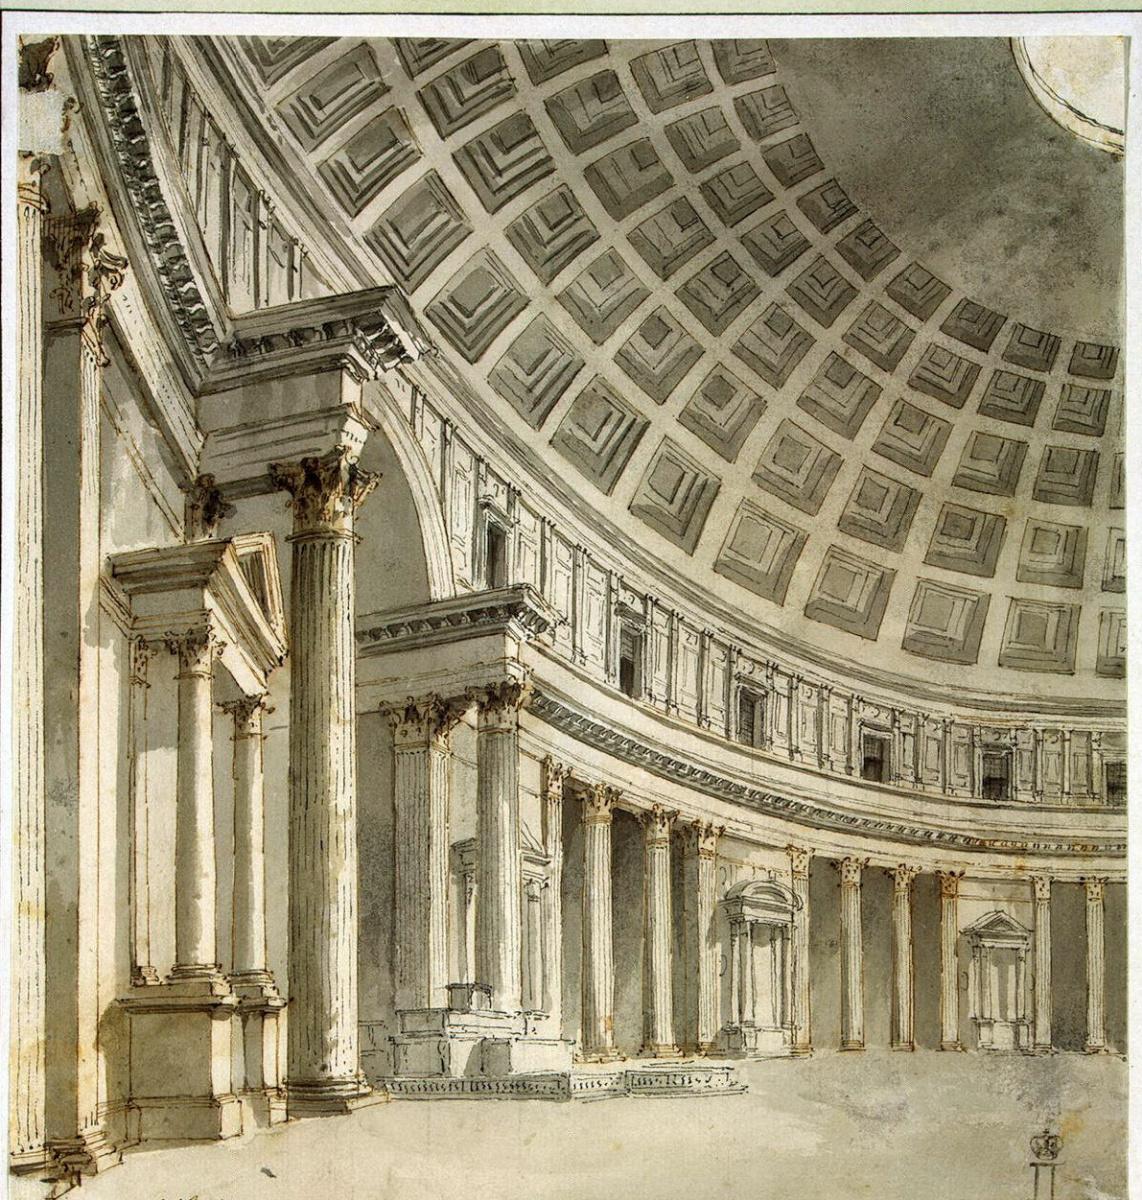 Шарль-Луи Клериссо. Интерьер Пантеона в Риме